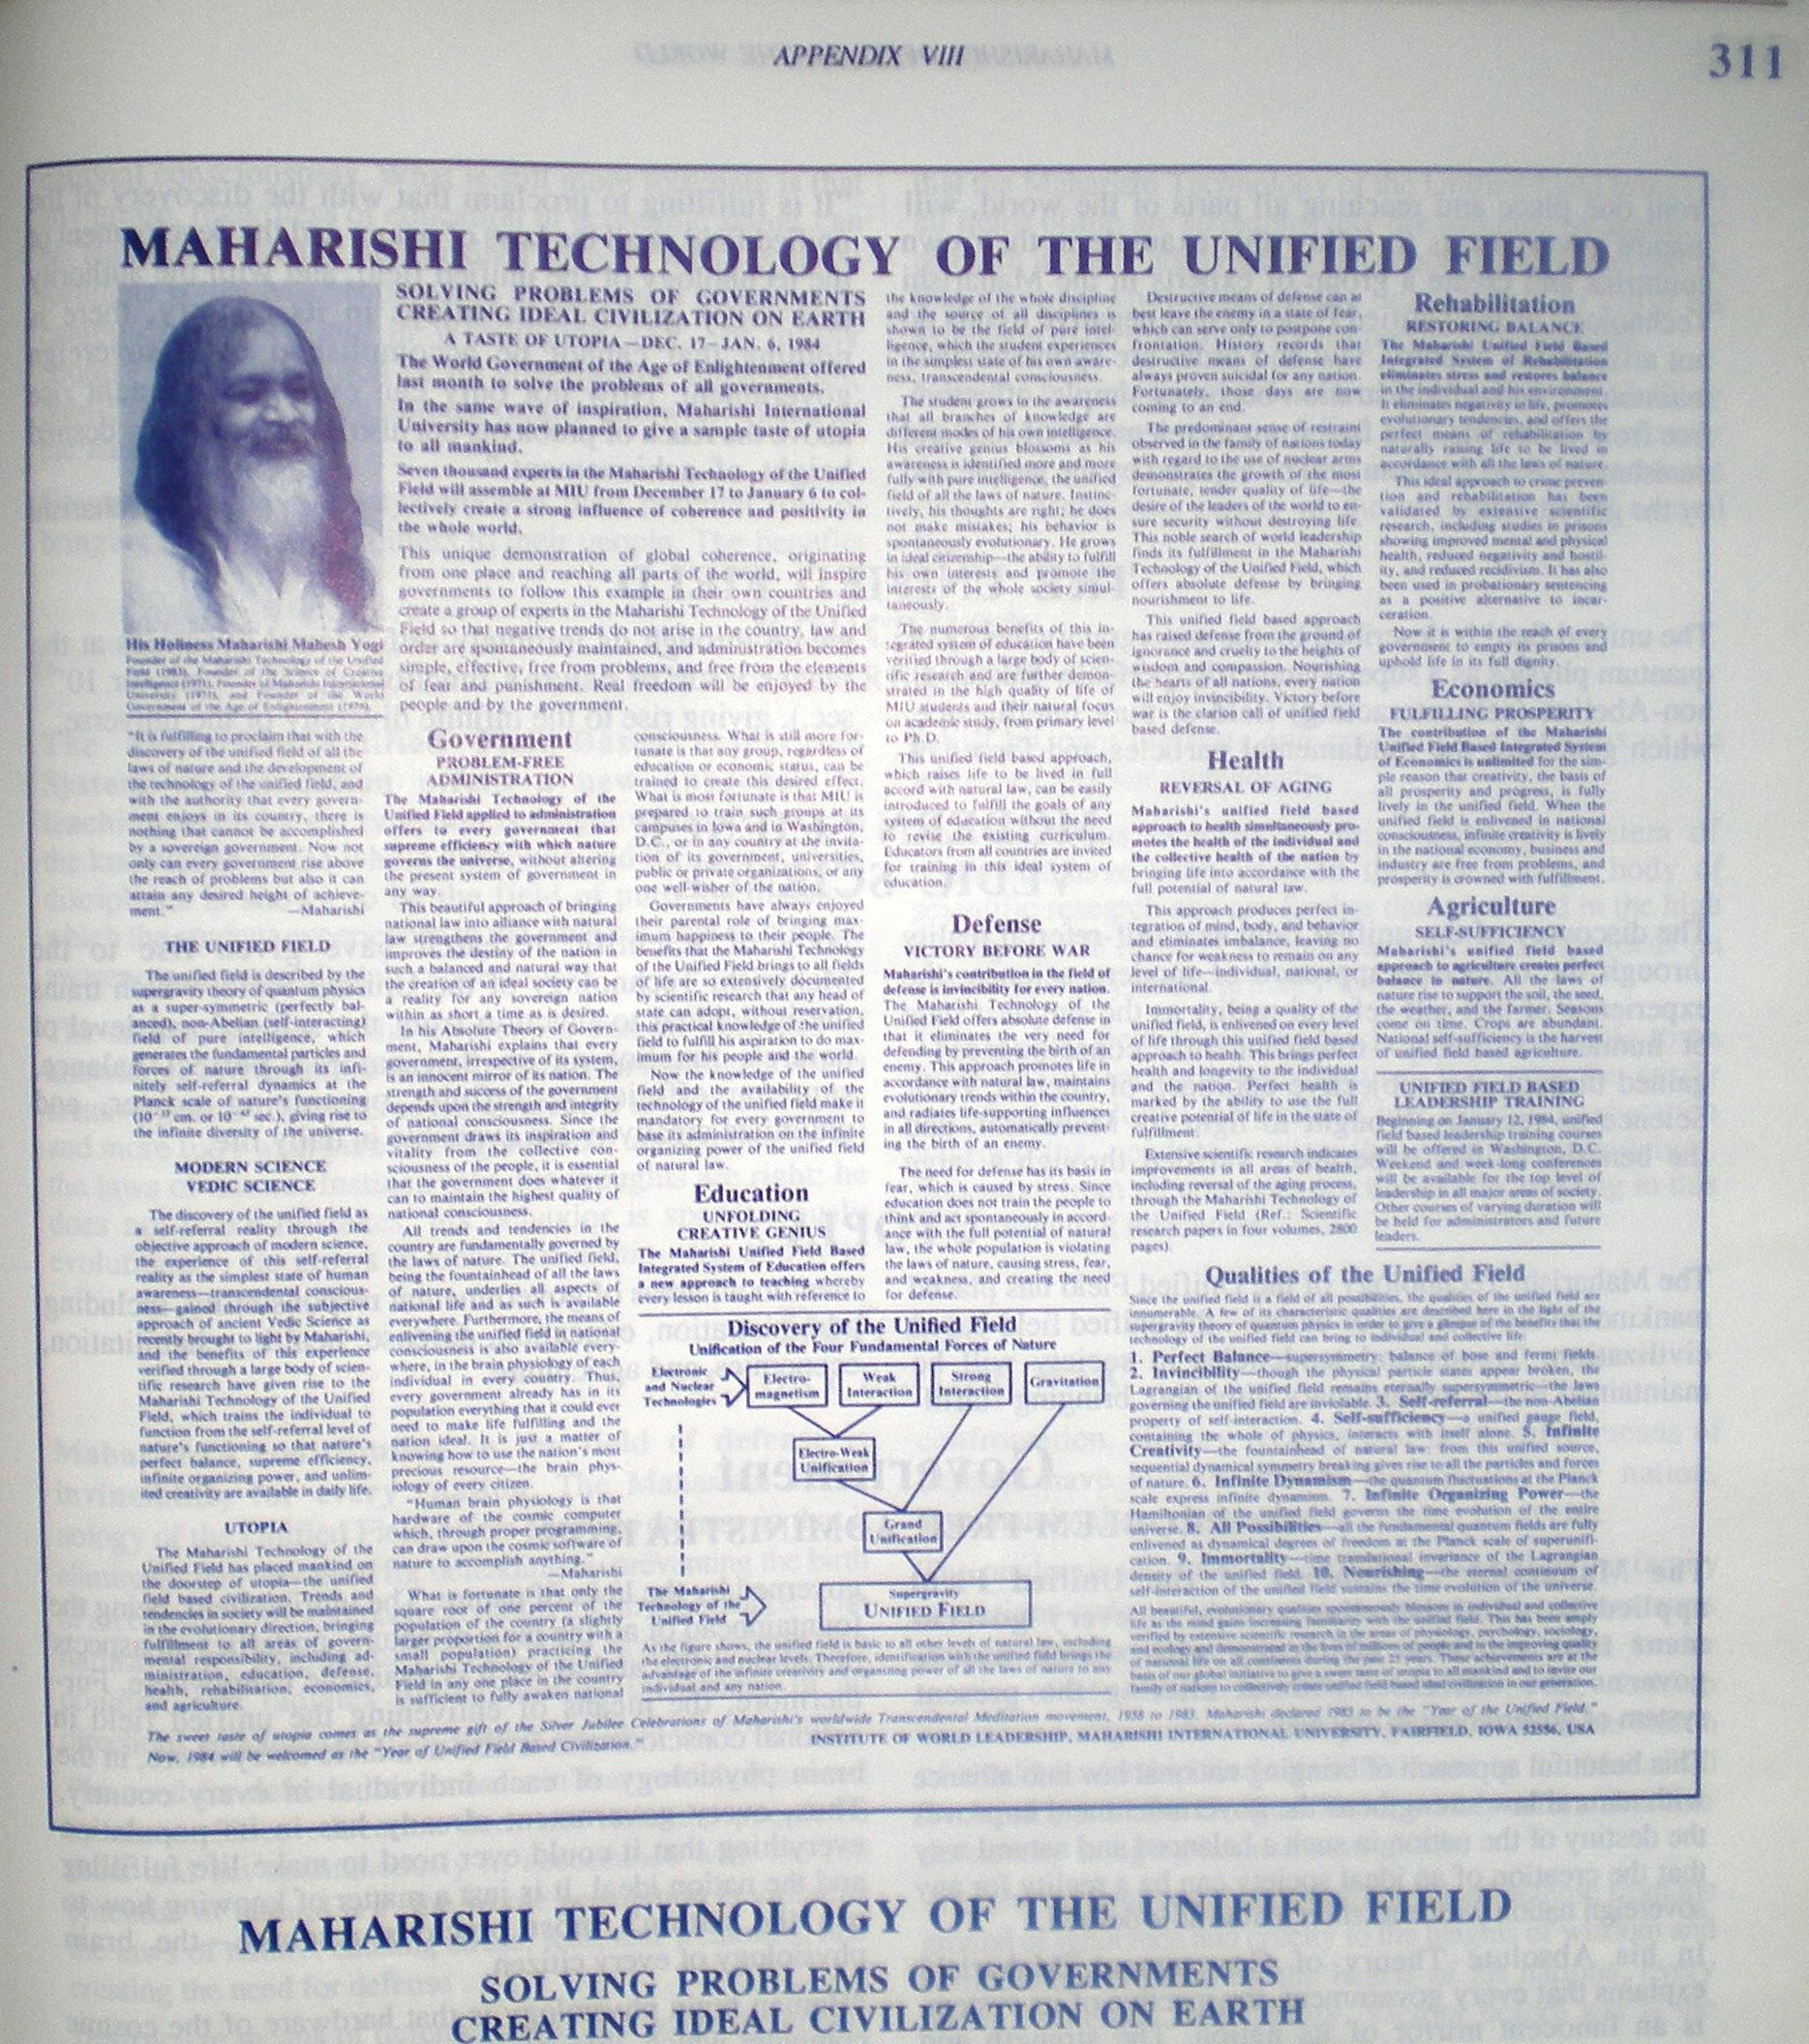 TEHNOLOGIA lui MAHARISHI pentru CAMPUL UNIFICAT